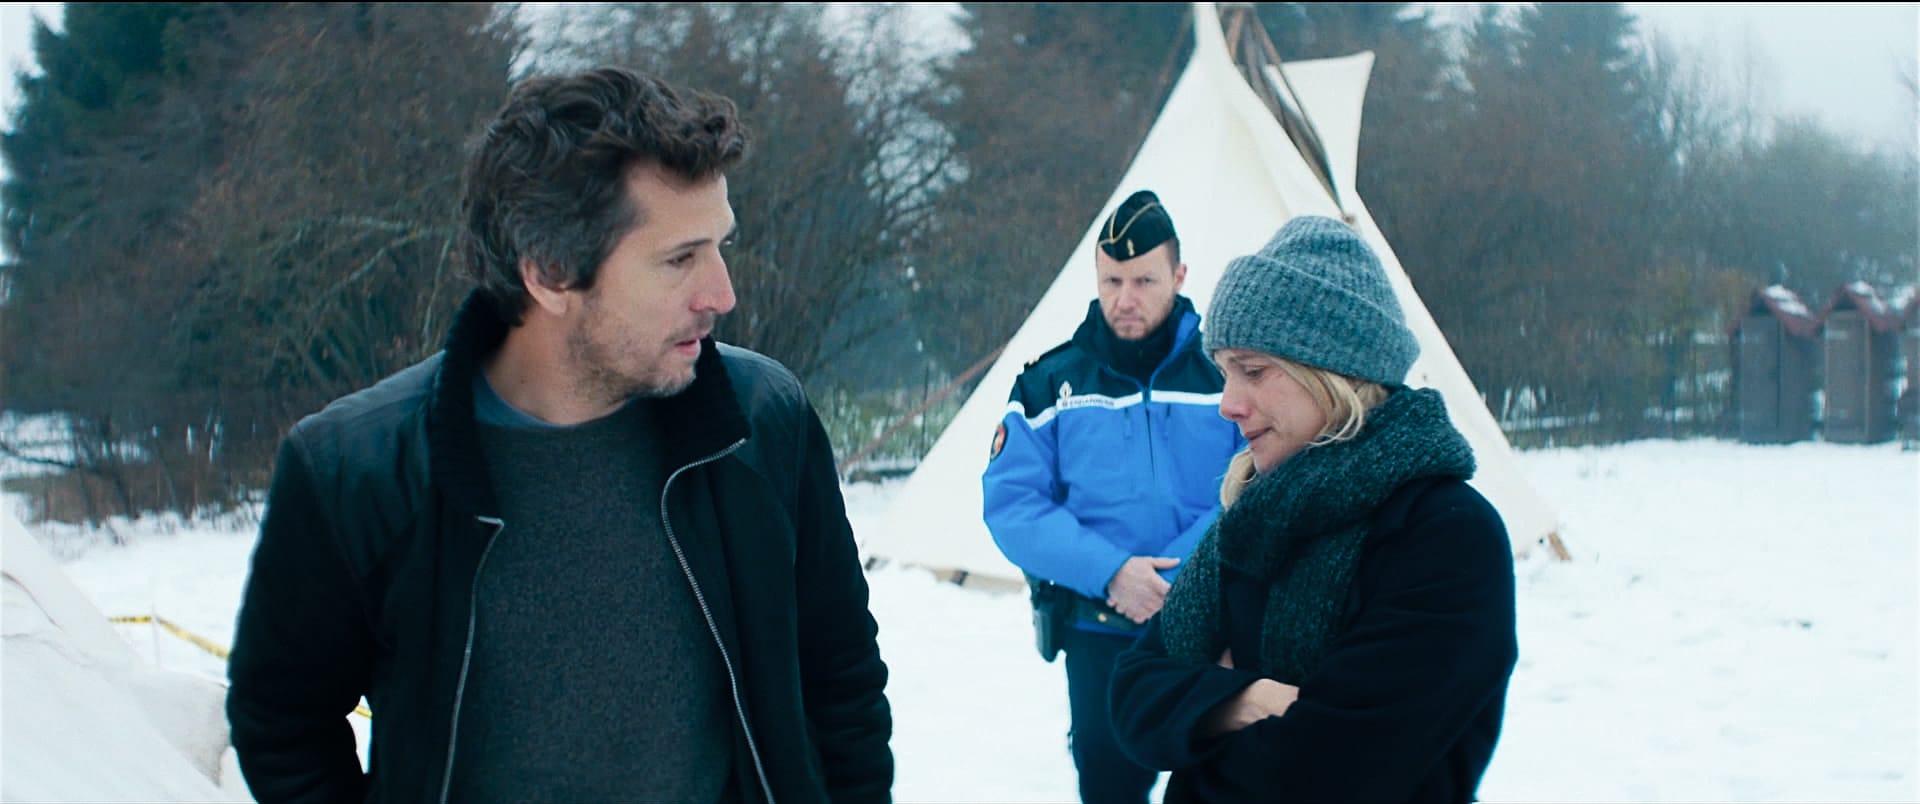 Mon Garçon film Mélanie Laurent Guillaume Canet film